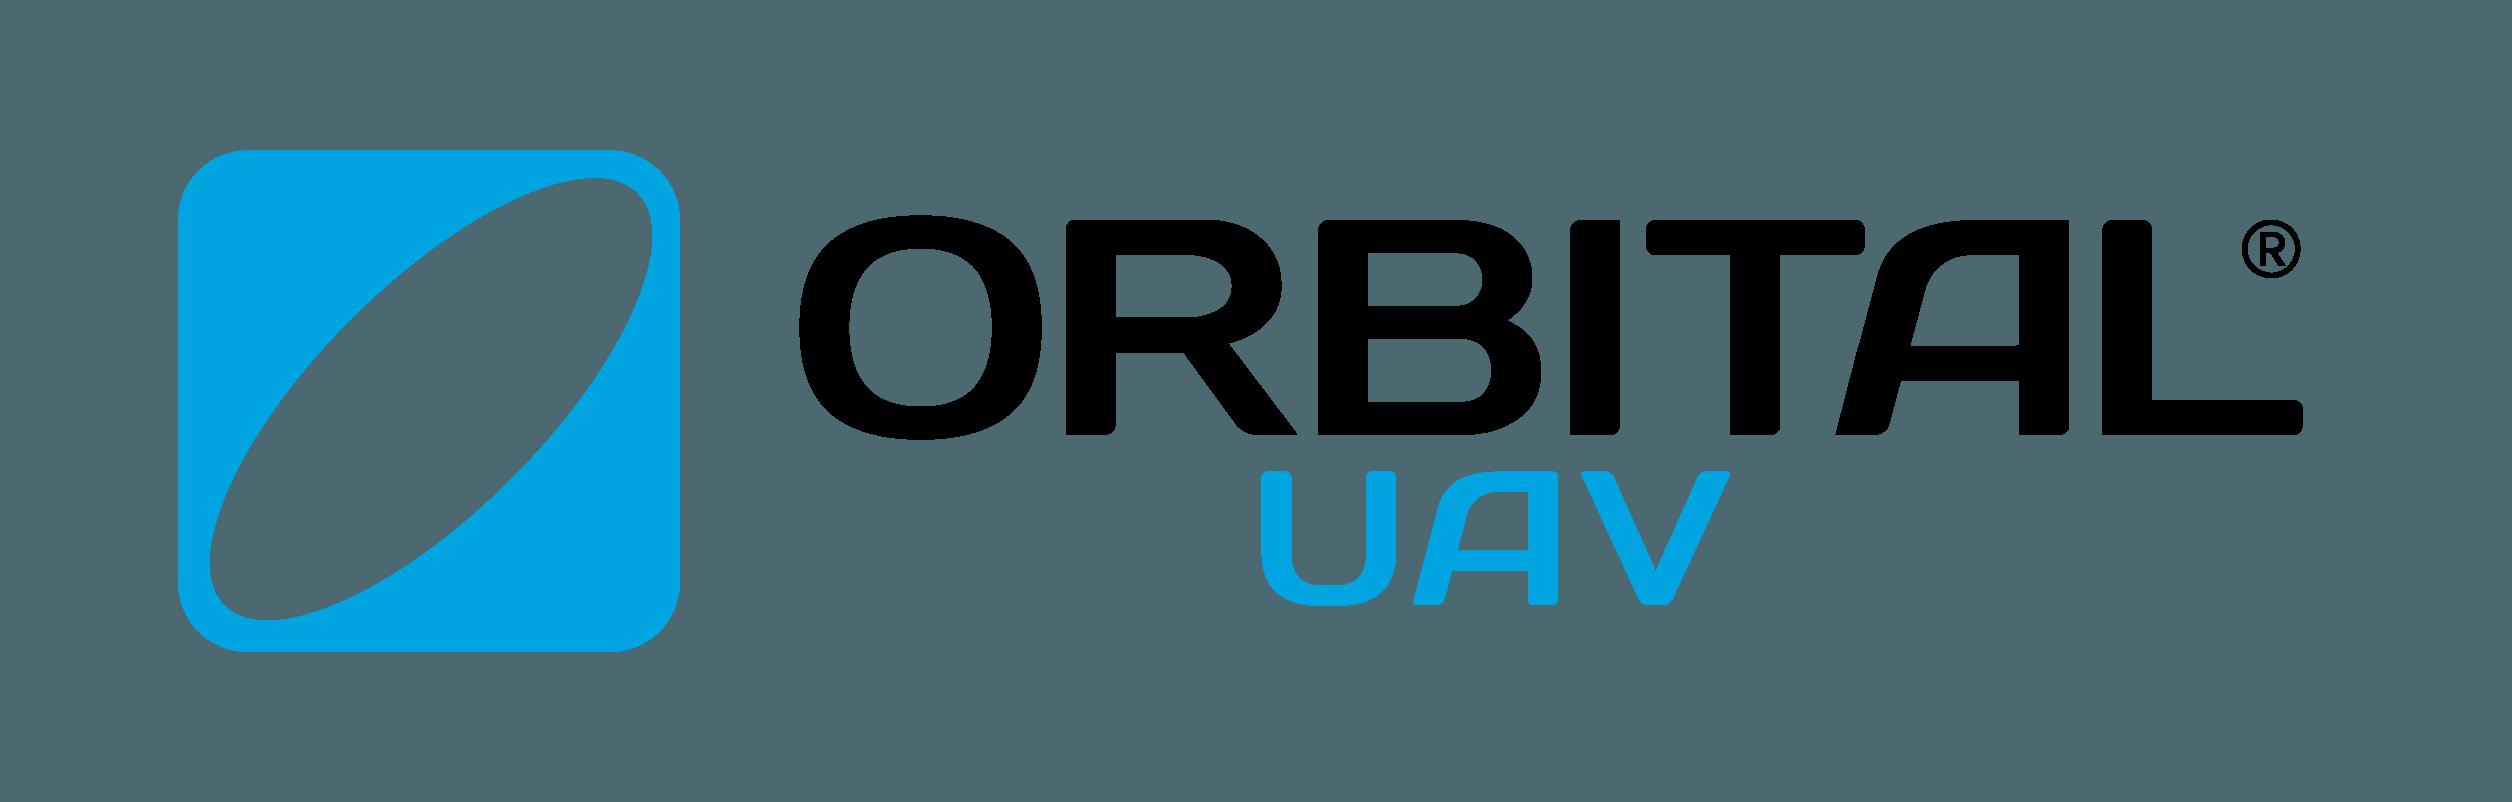 Orbital UAV logo